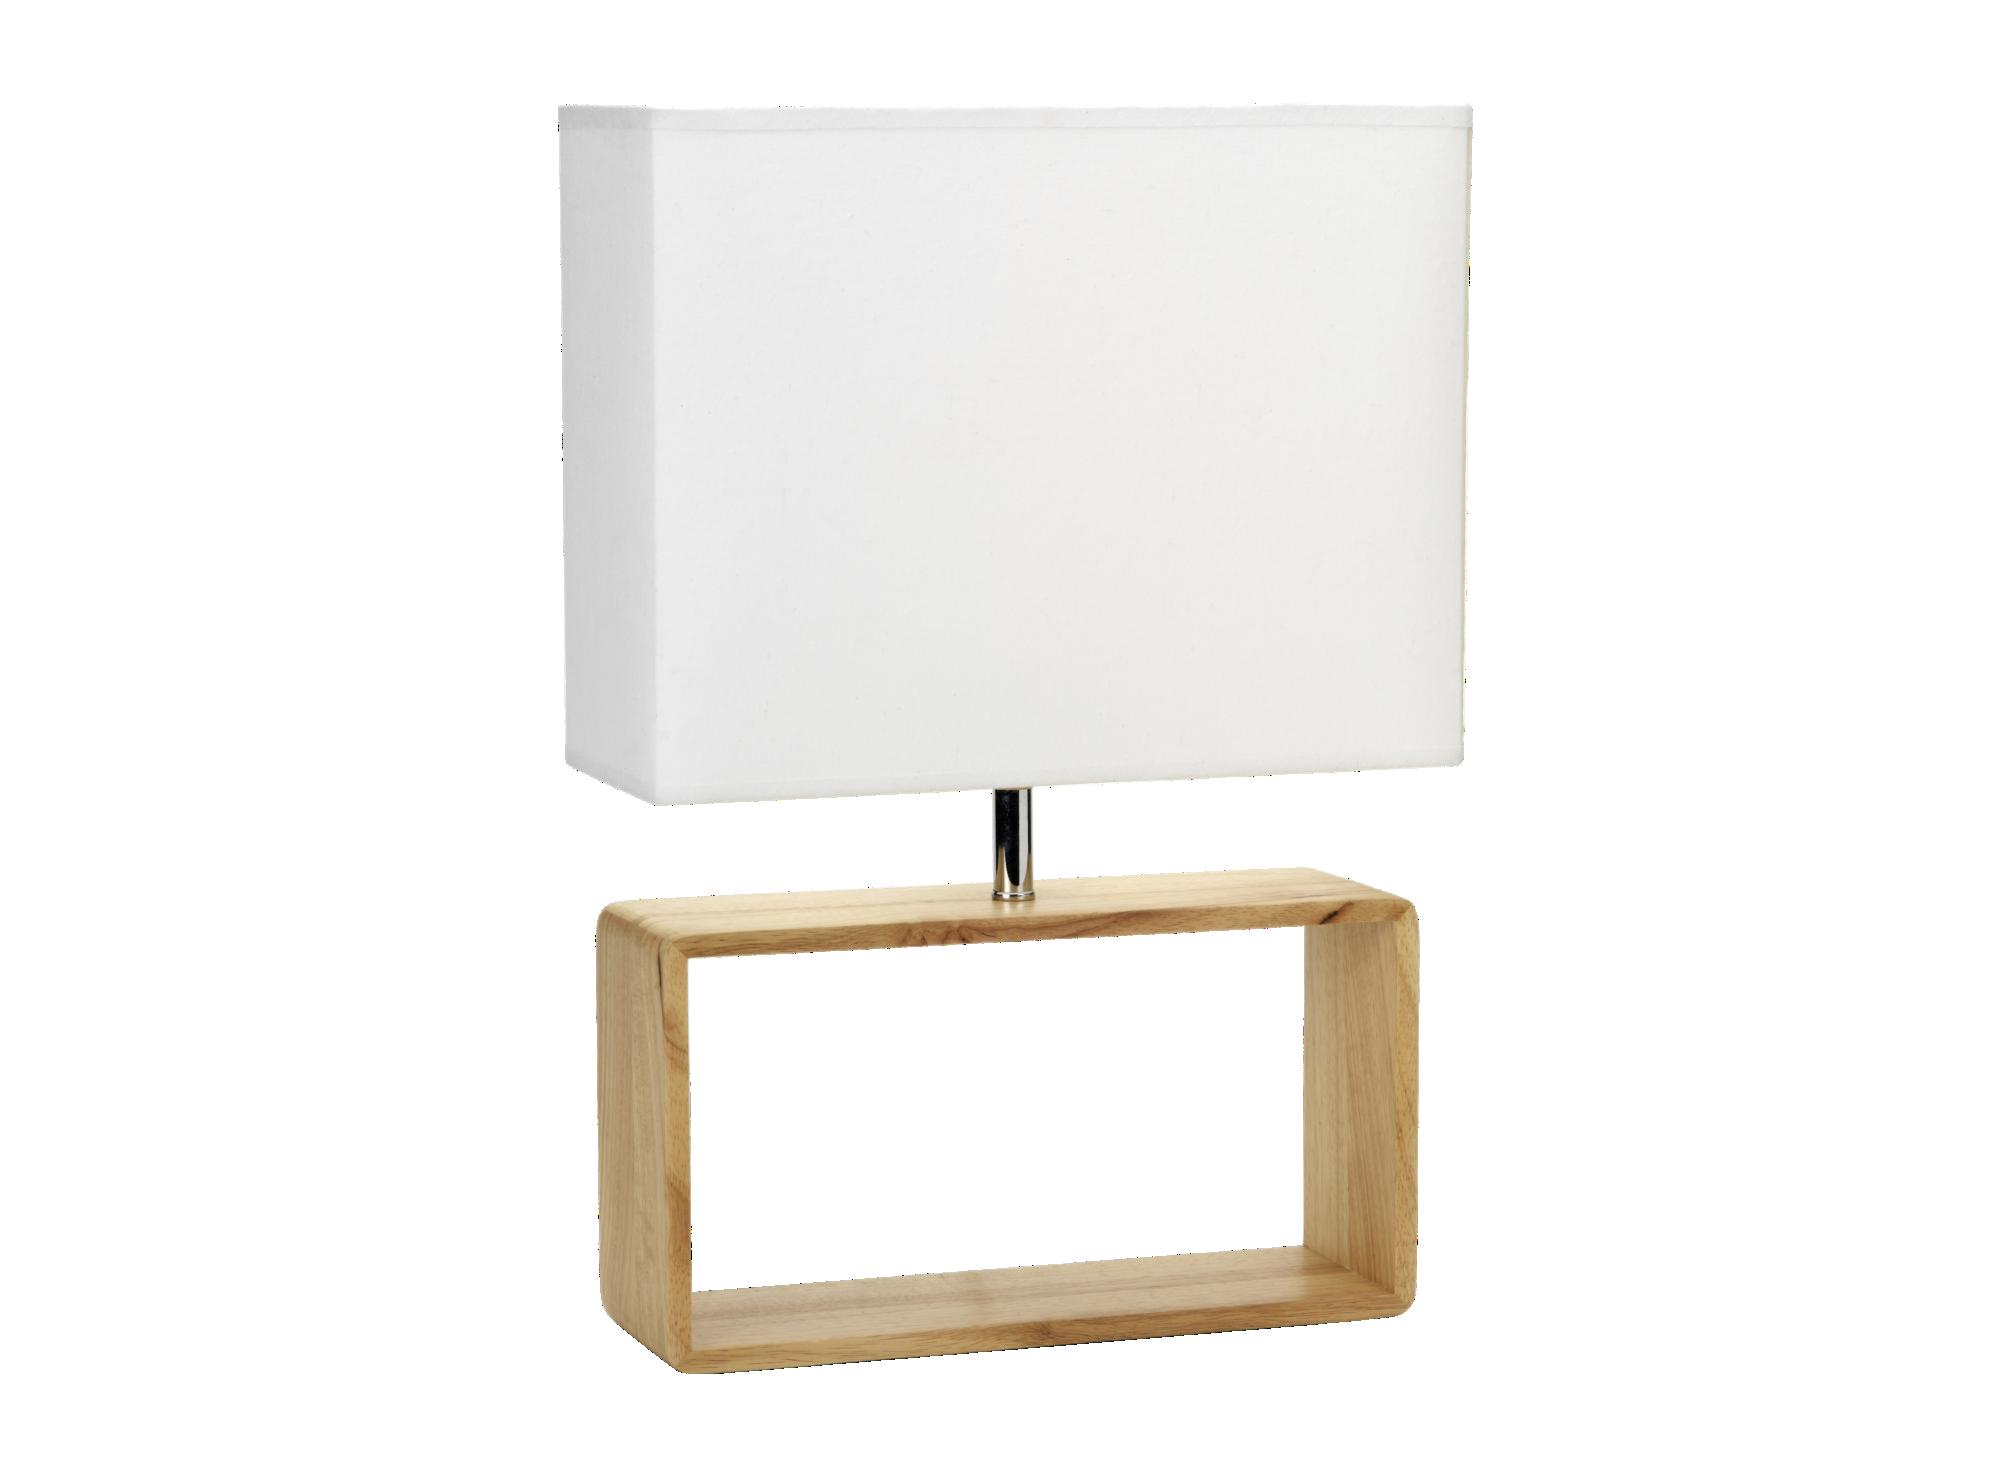 Lampe a poser h50 abat-jour rectangulaire en coton coloris blanc pie ...